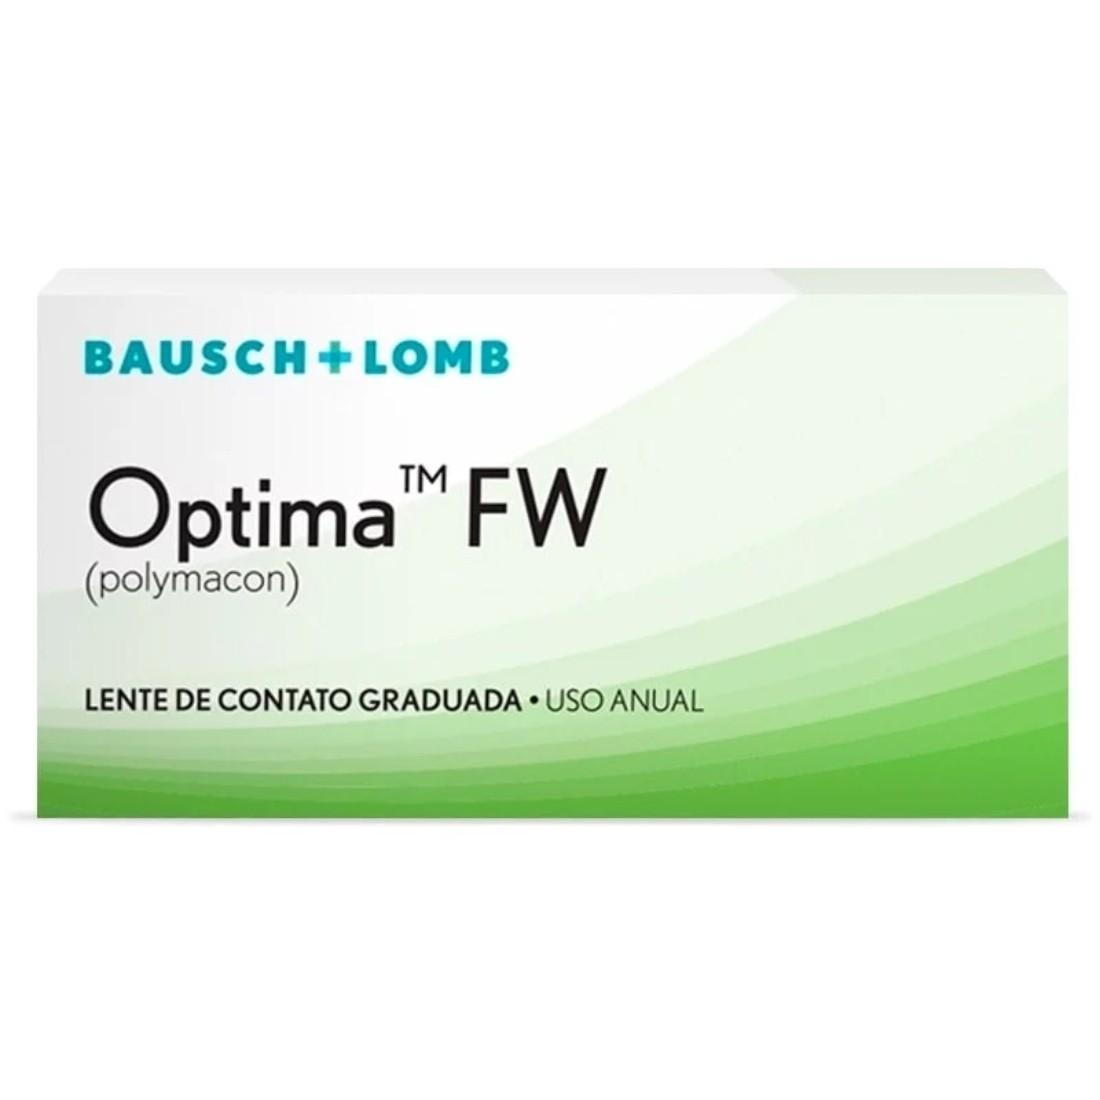 OPTIMA_FW_-_USO_ANUAL.jpg